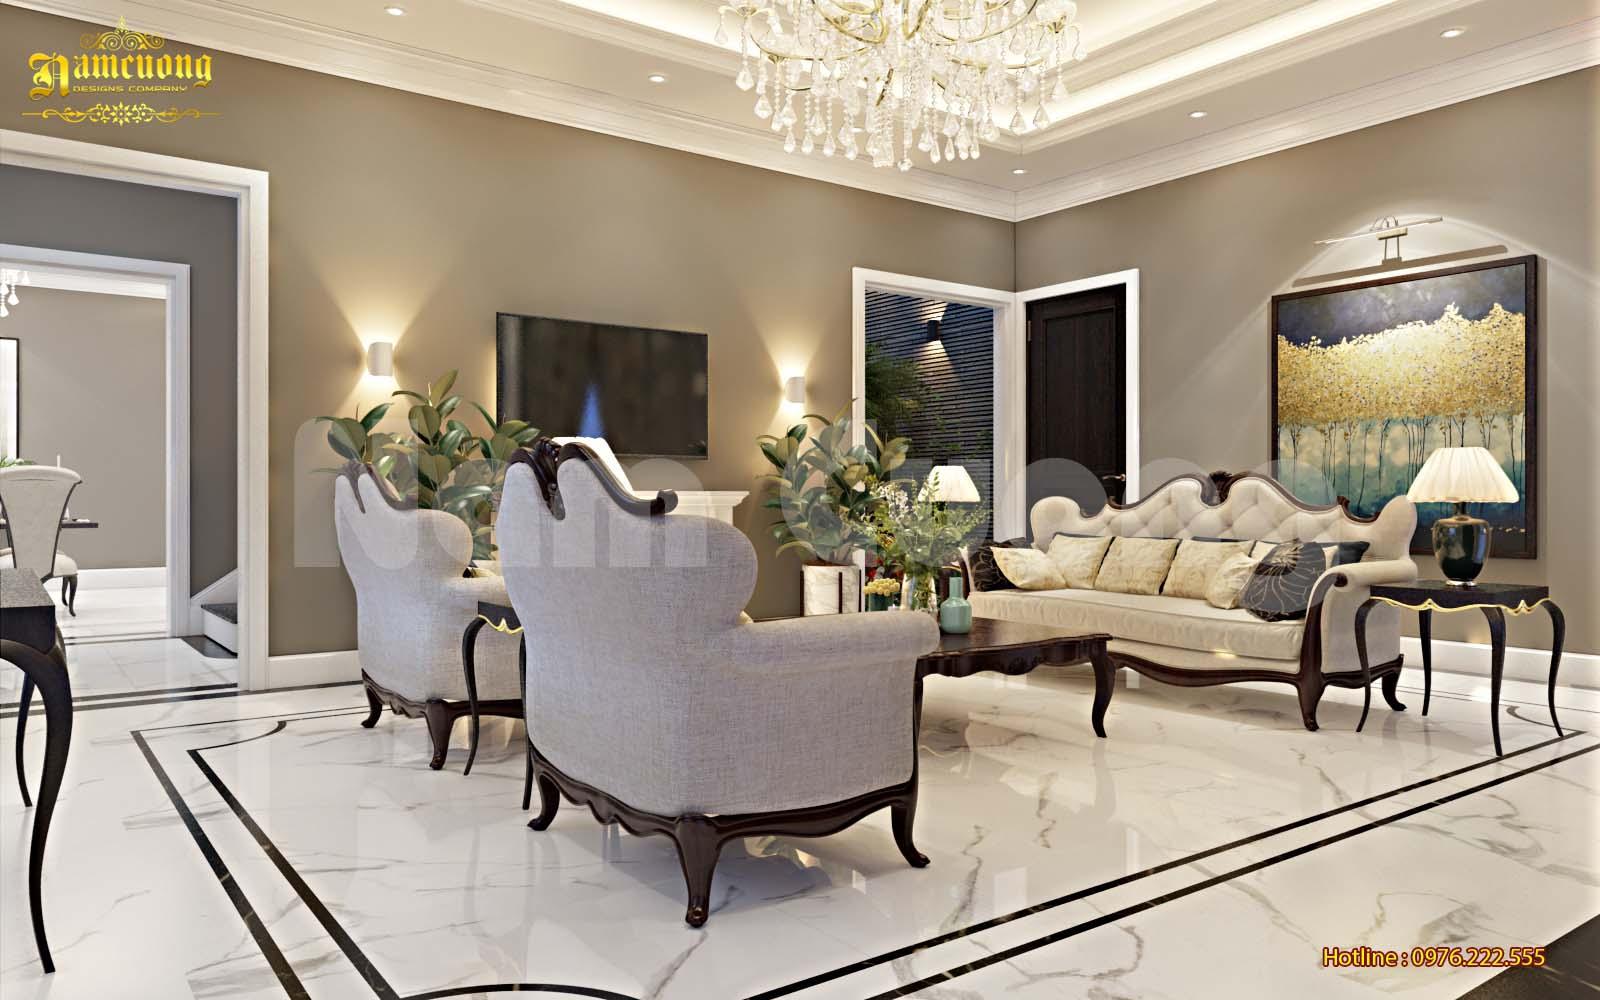 Thiết kế nội thất biệt thự tân cổ điển - CĐT Dương Mạnh Hùng